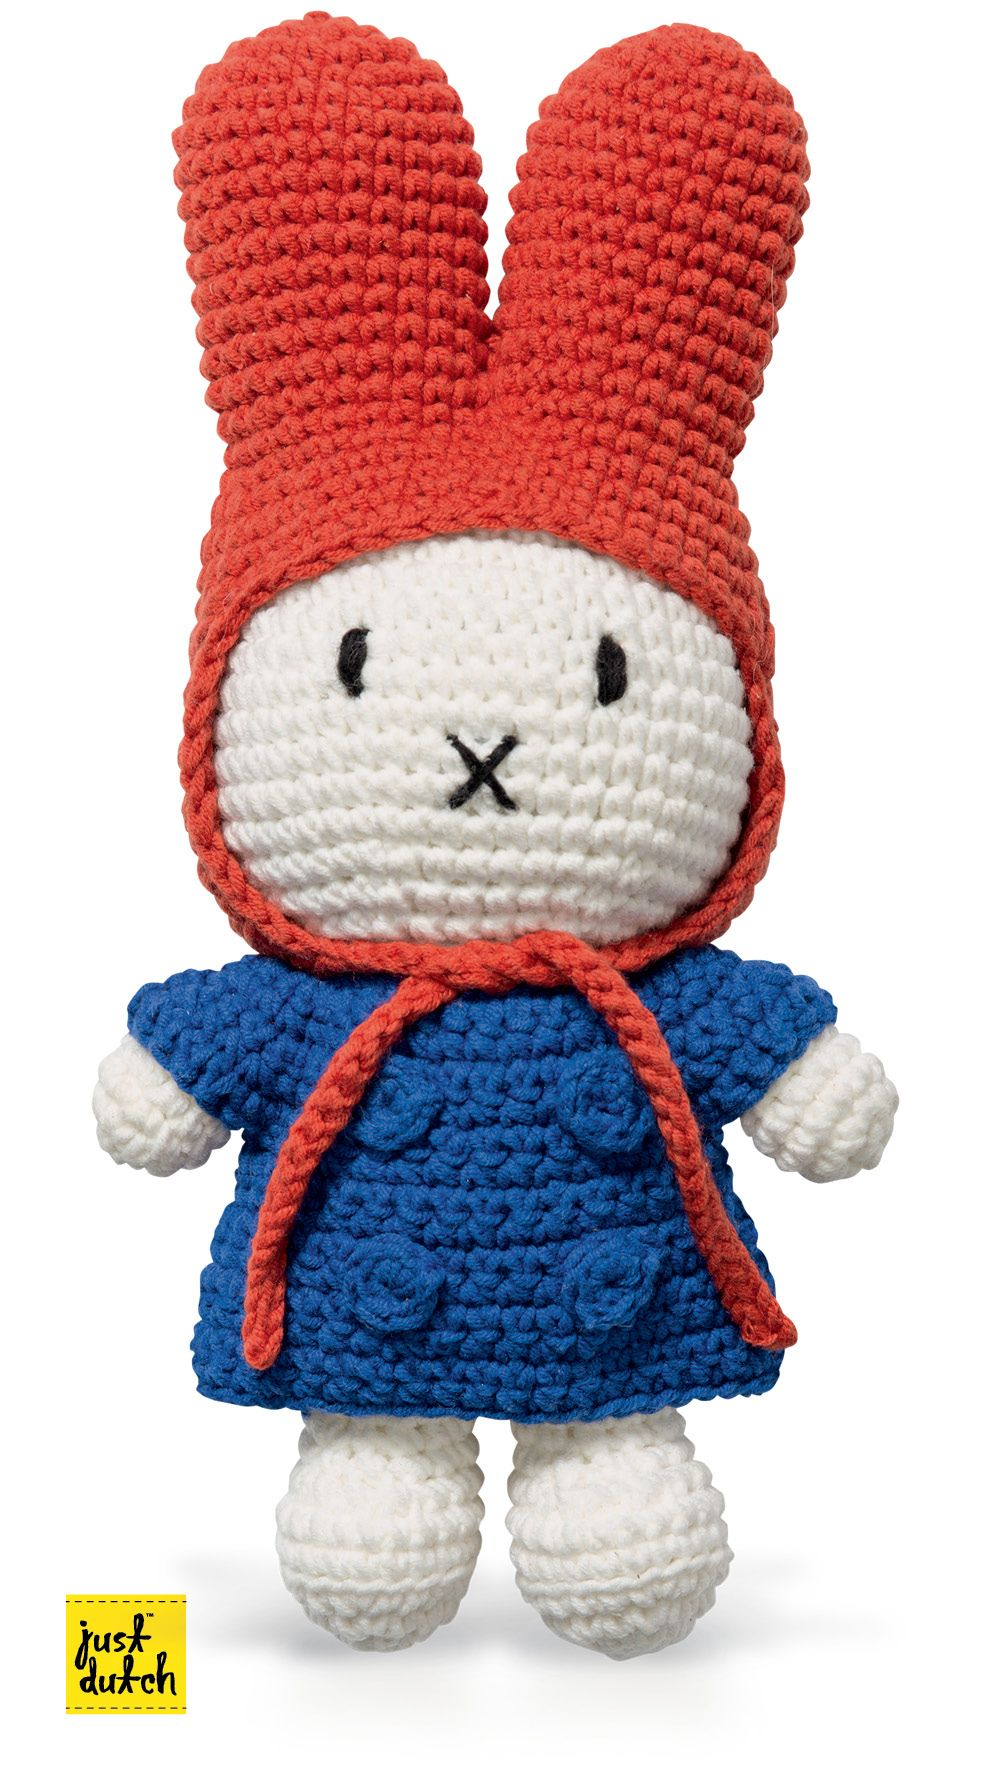 Pin von Miffy auf Miffy Cuddly Toys | Pinterest